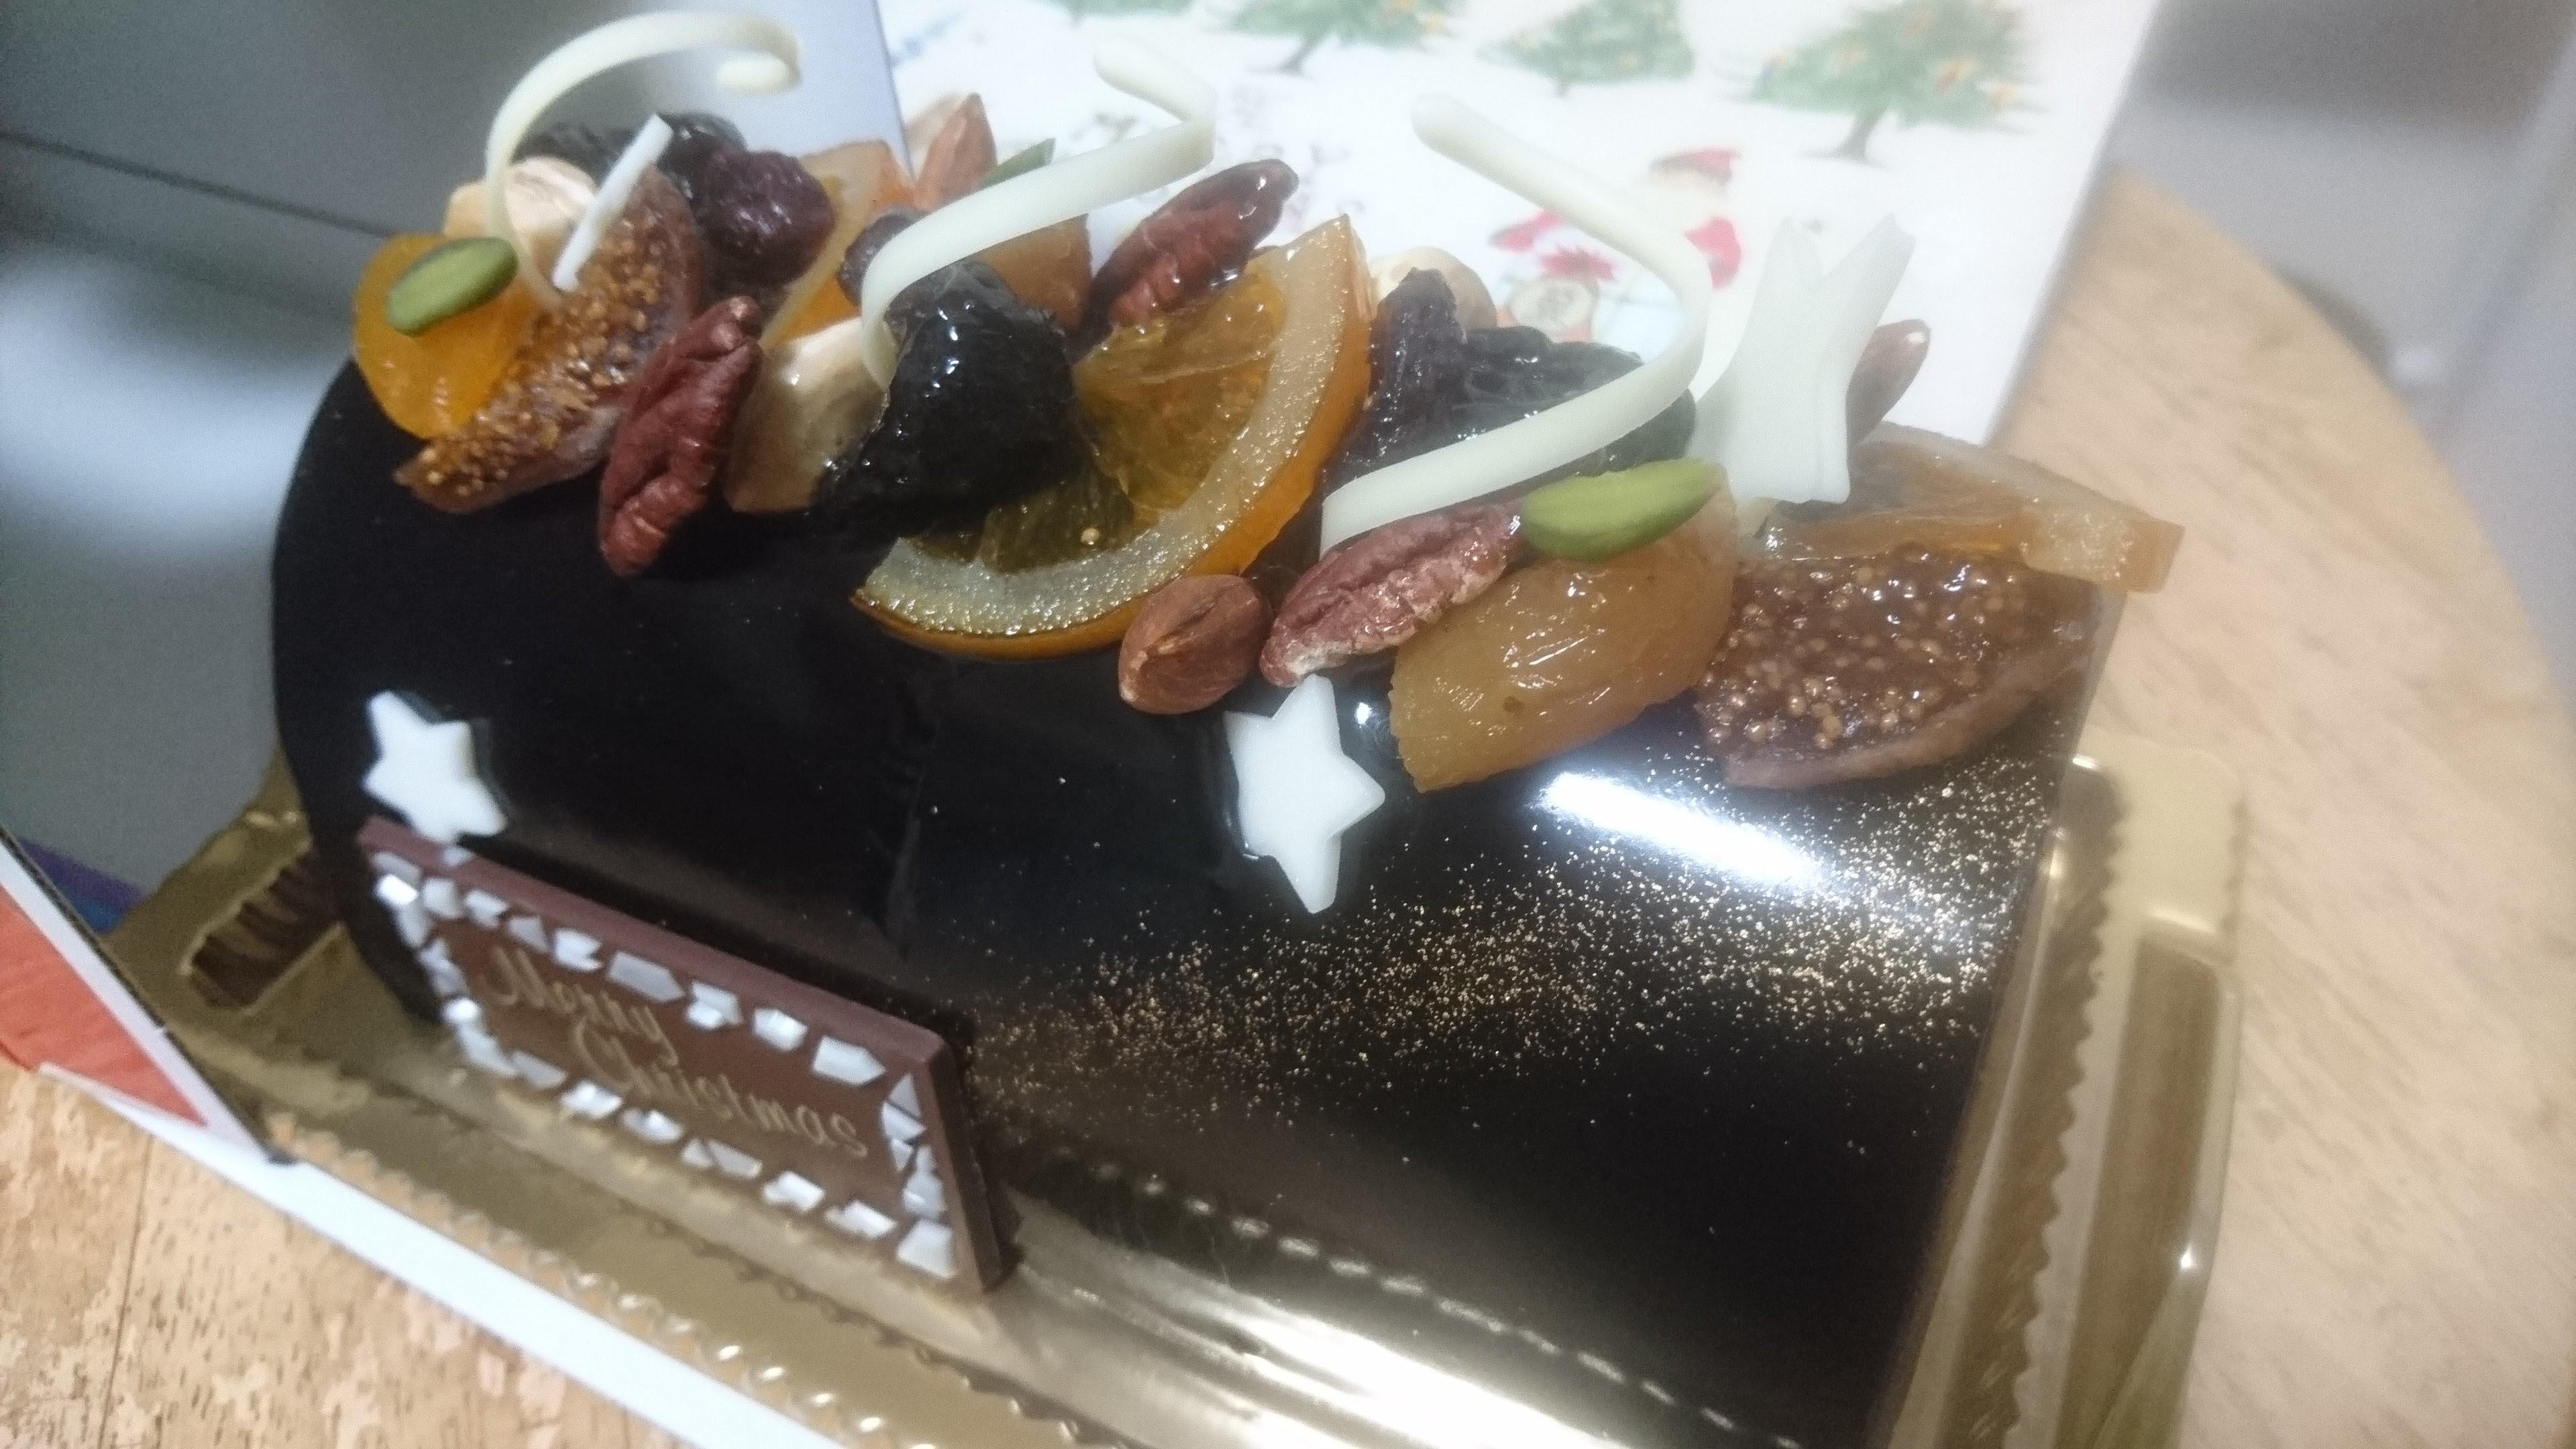 クリスマスケーキ売り場に昨今の景気の浮沈を実感したりして。